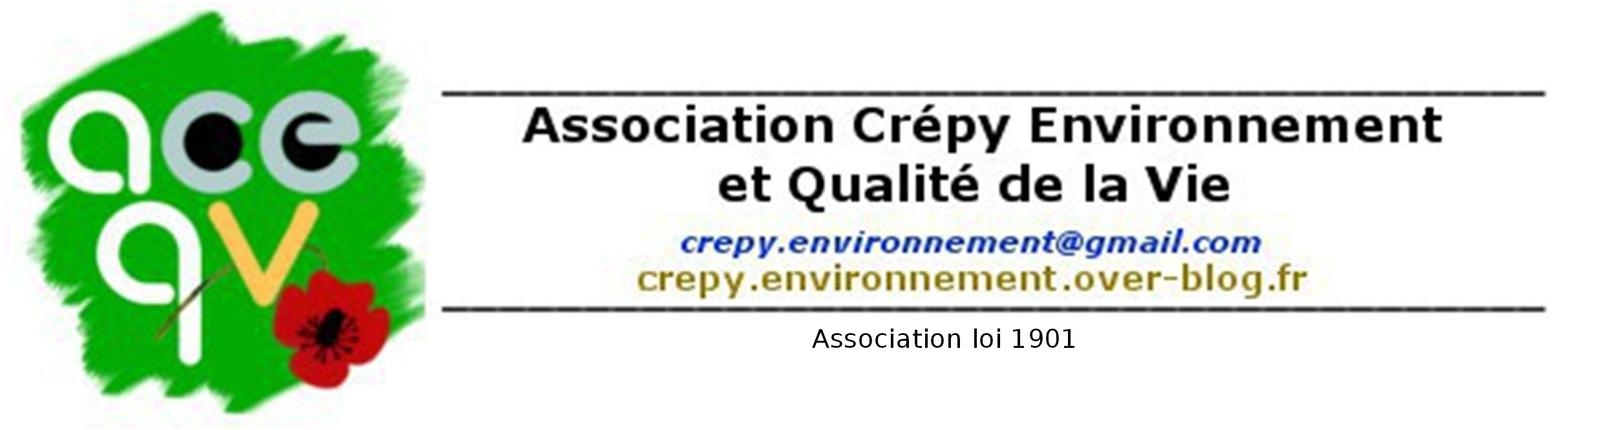 Crépy en Valois : Assemblée générale de l'association Crépy environnement et qualité de la vie